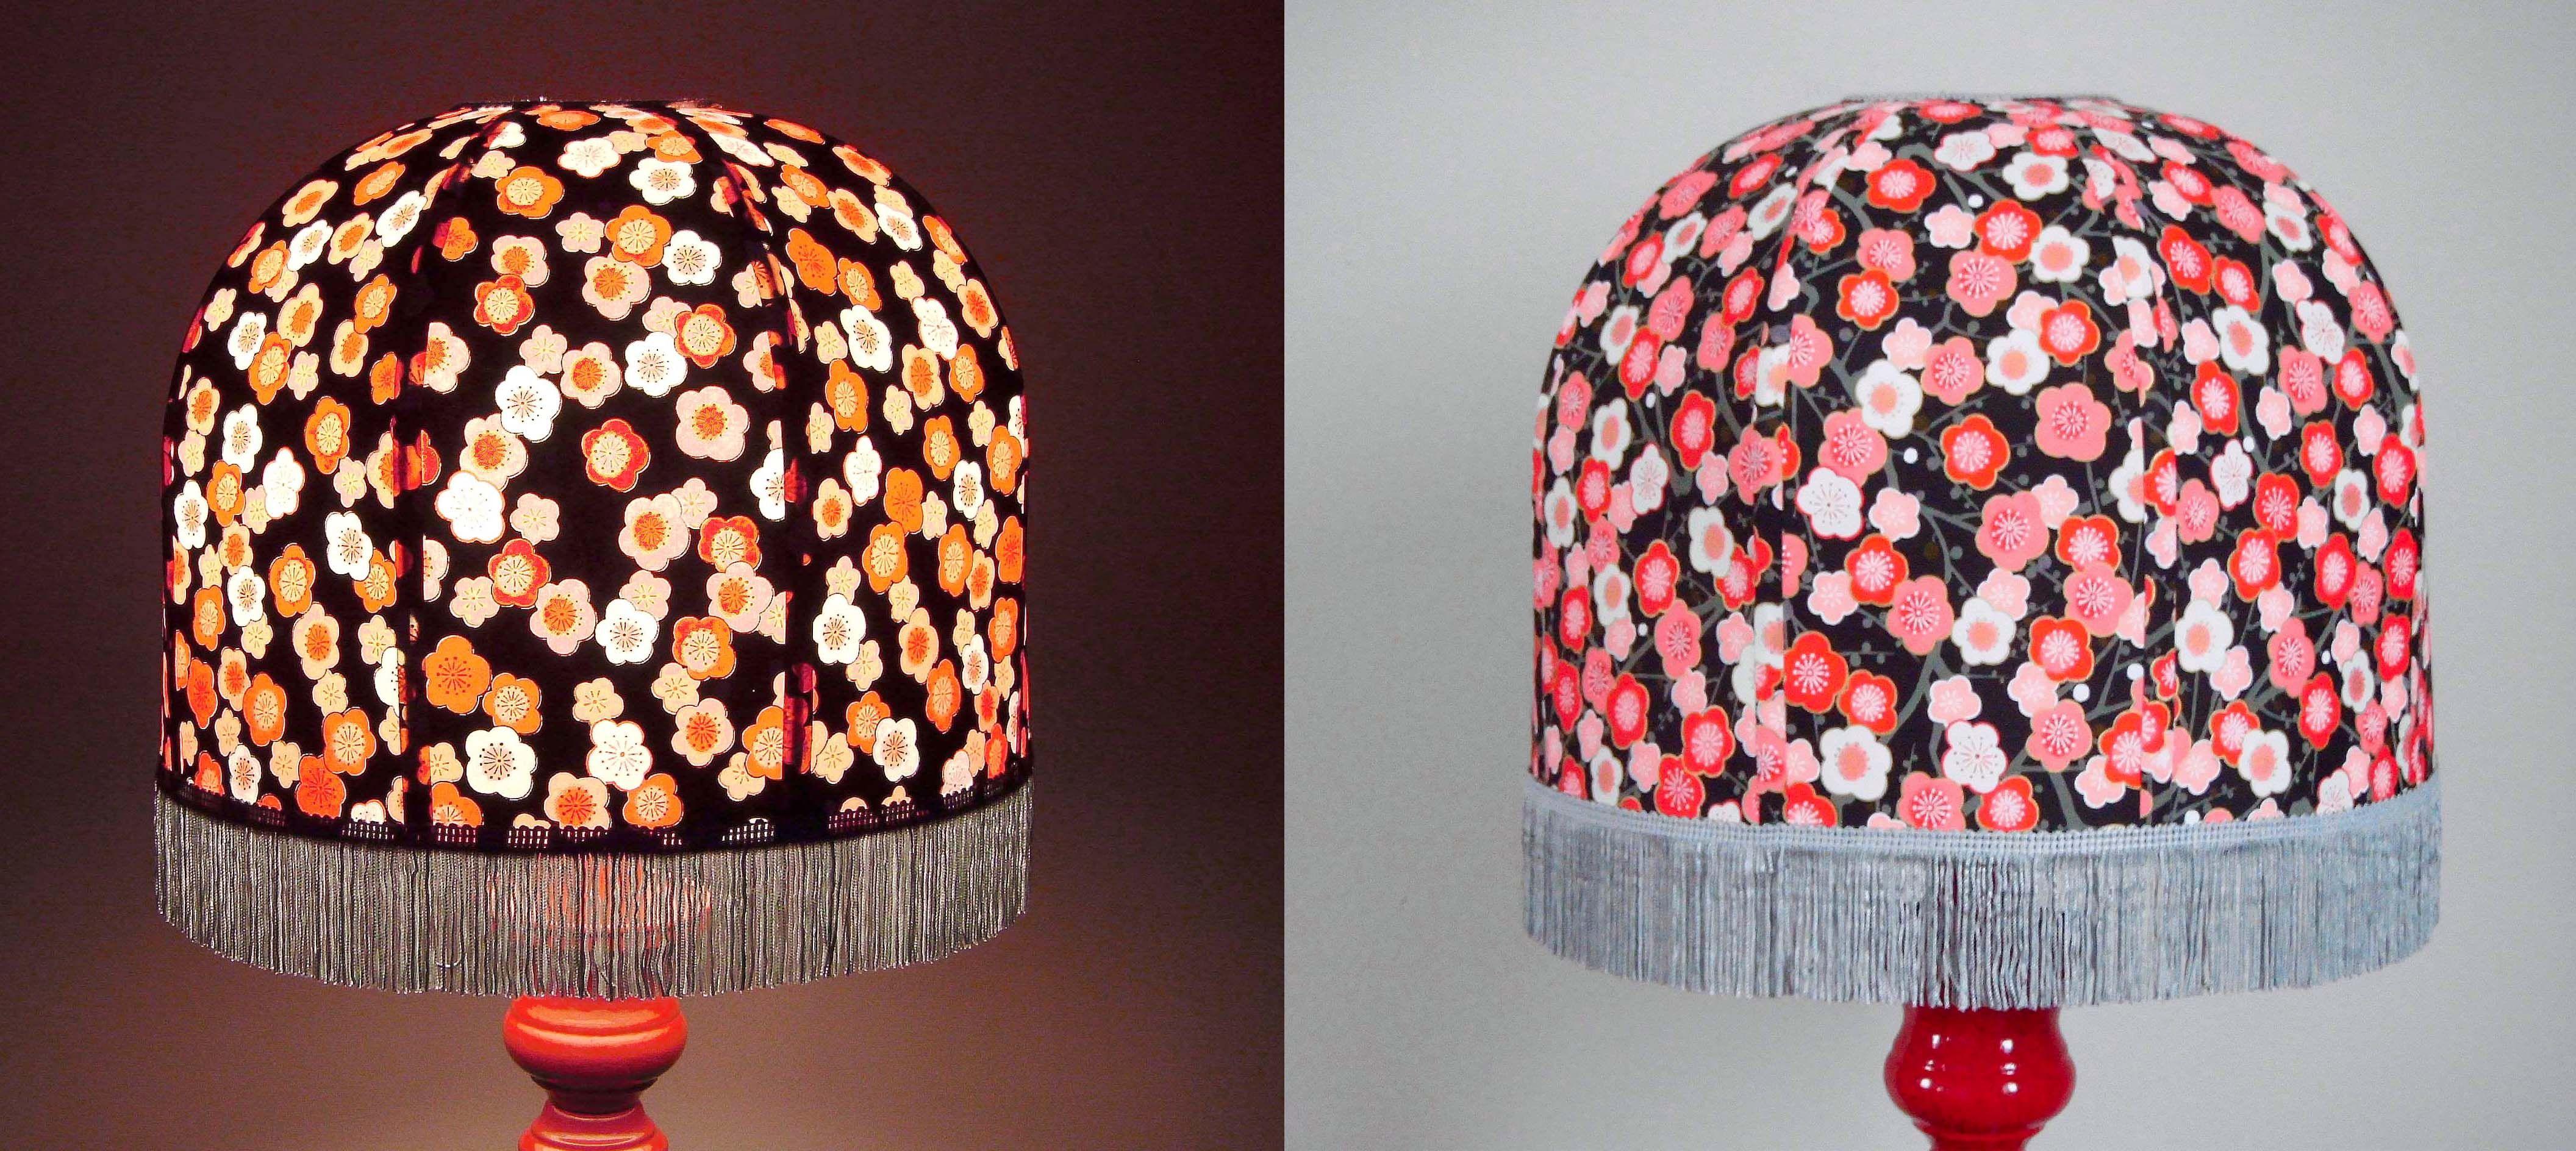 abat jour r tro forme d me cage en papier japonais fond noir fleurs frange grise 30 cm de. Black Bedroom Furniture Sets. Home Design Ideas